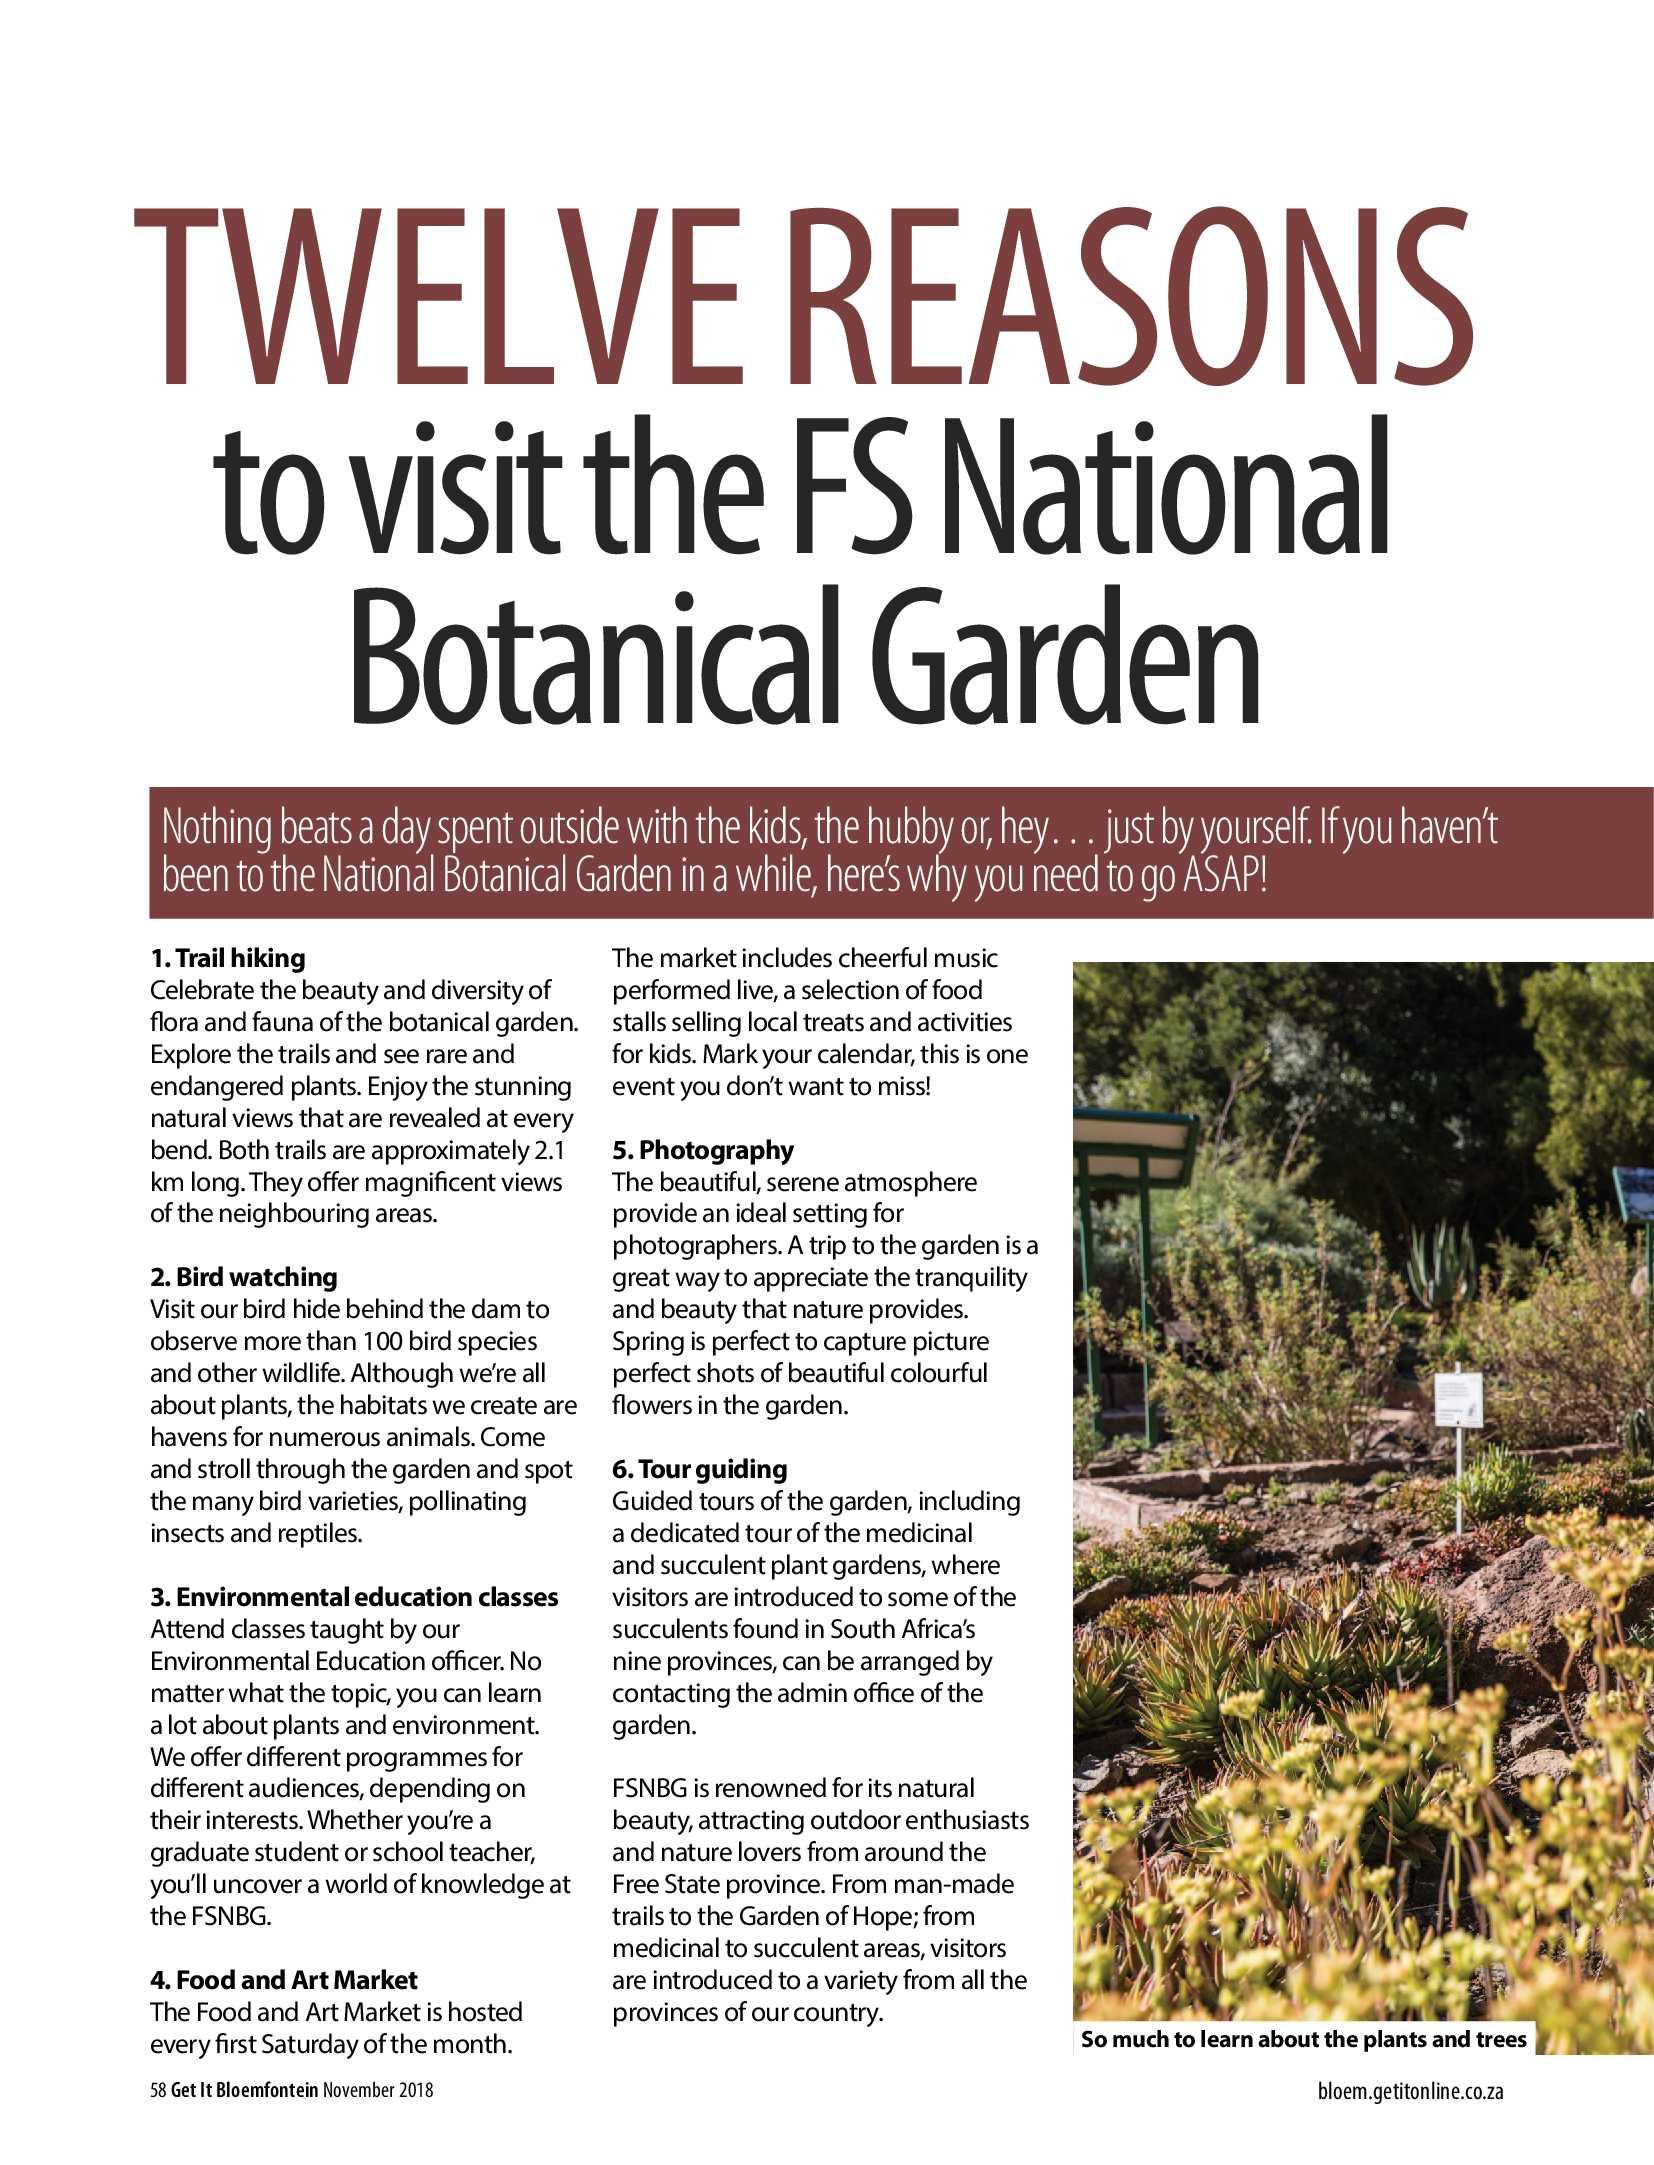 get-bloemfontein-november-2018-epapers-page-60